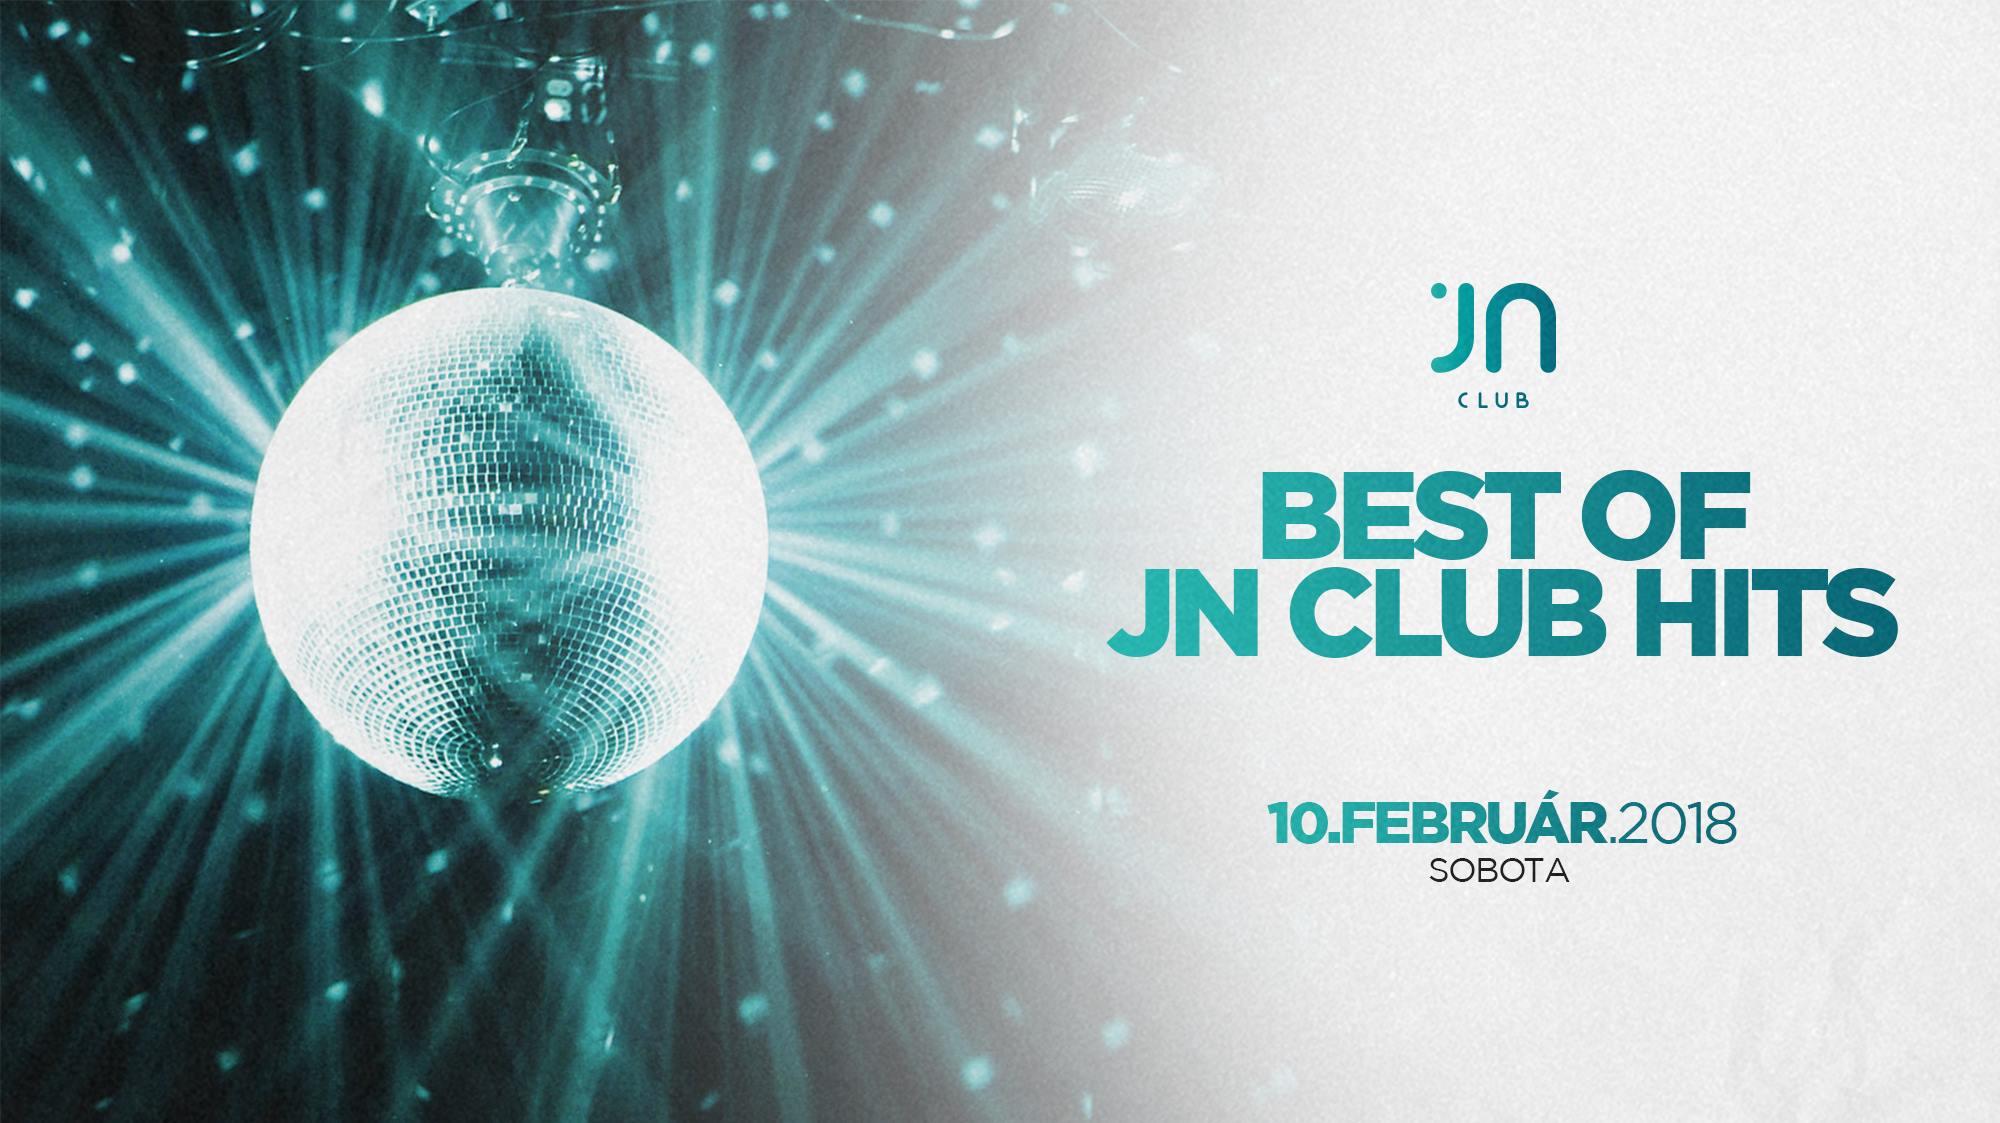 Best of JN club hits